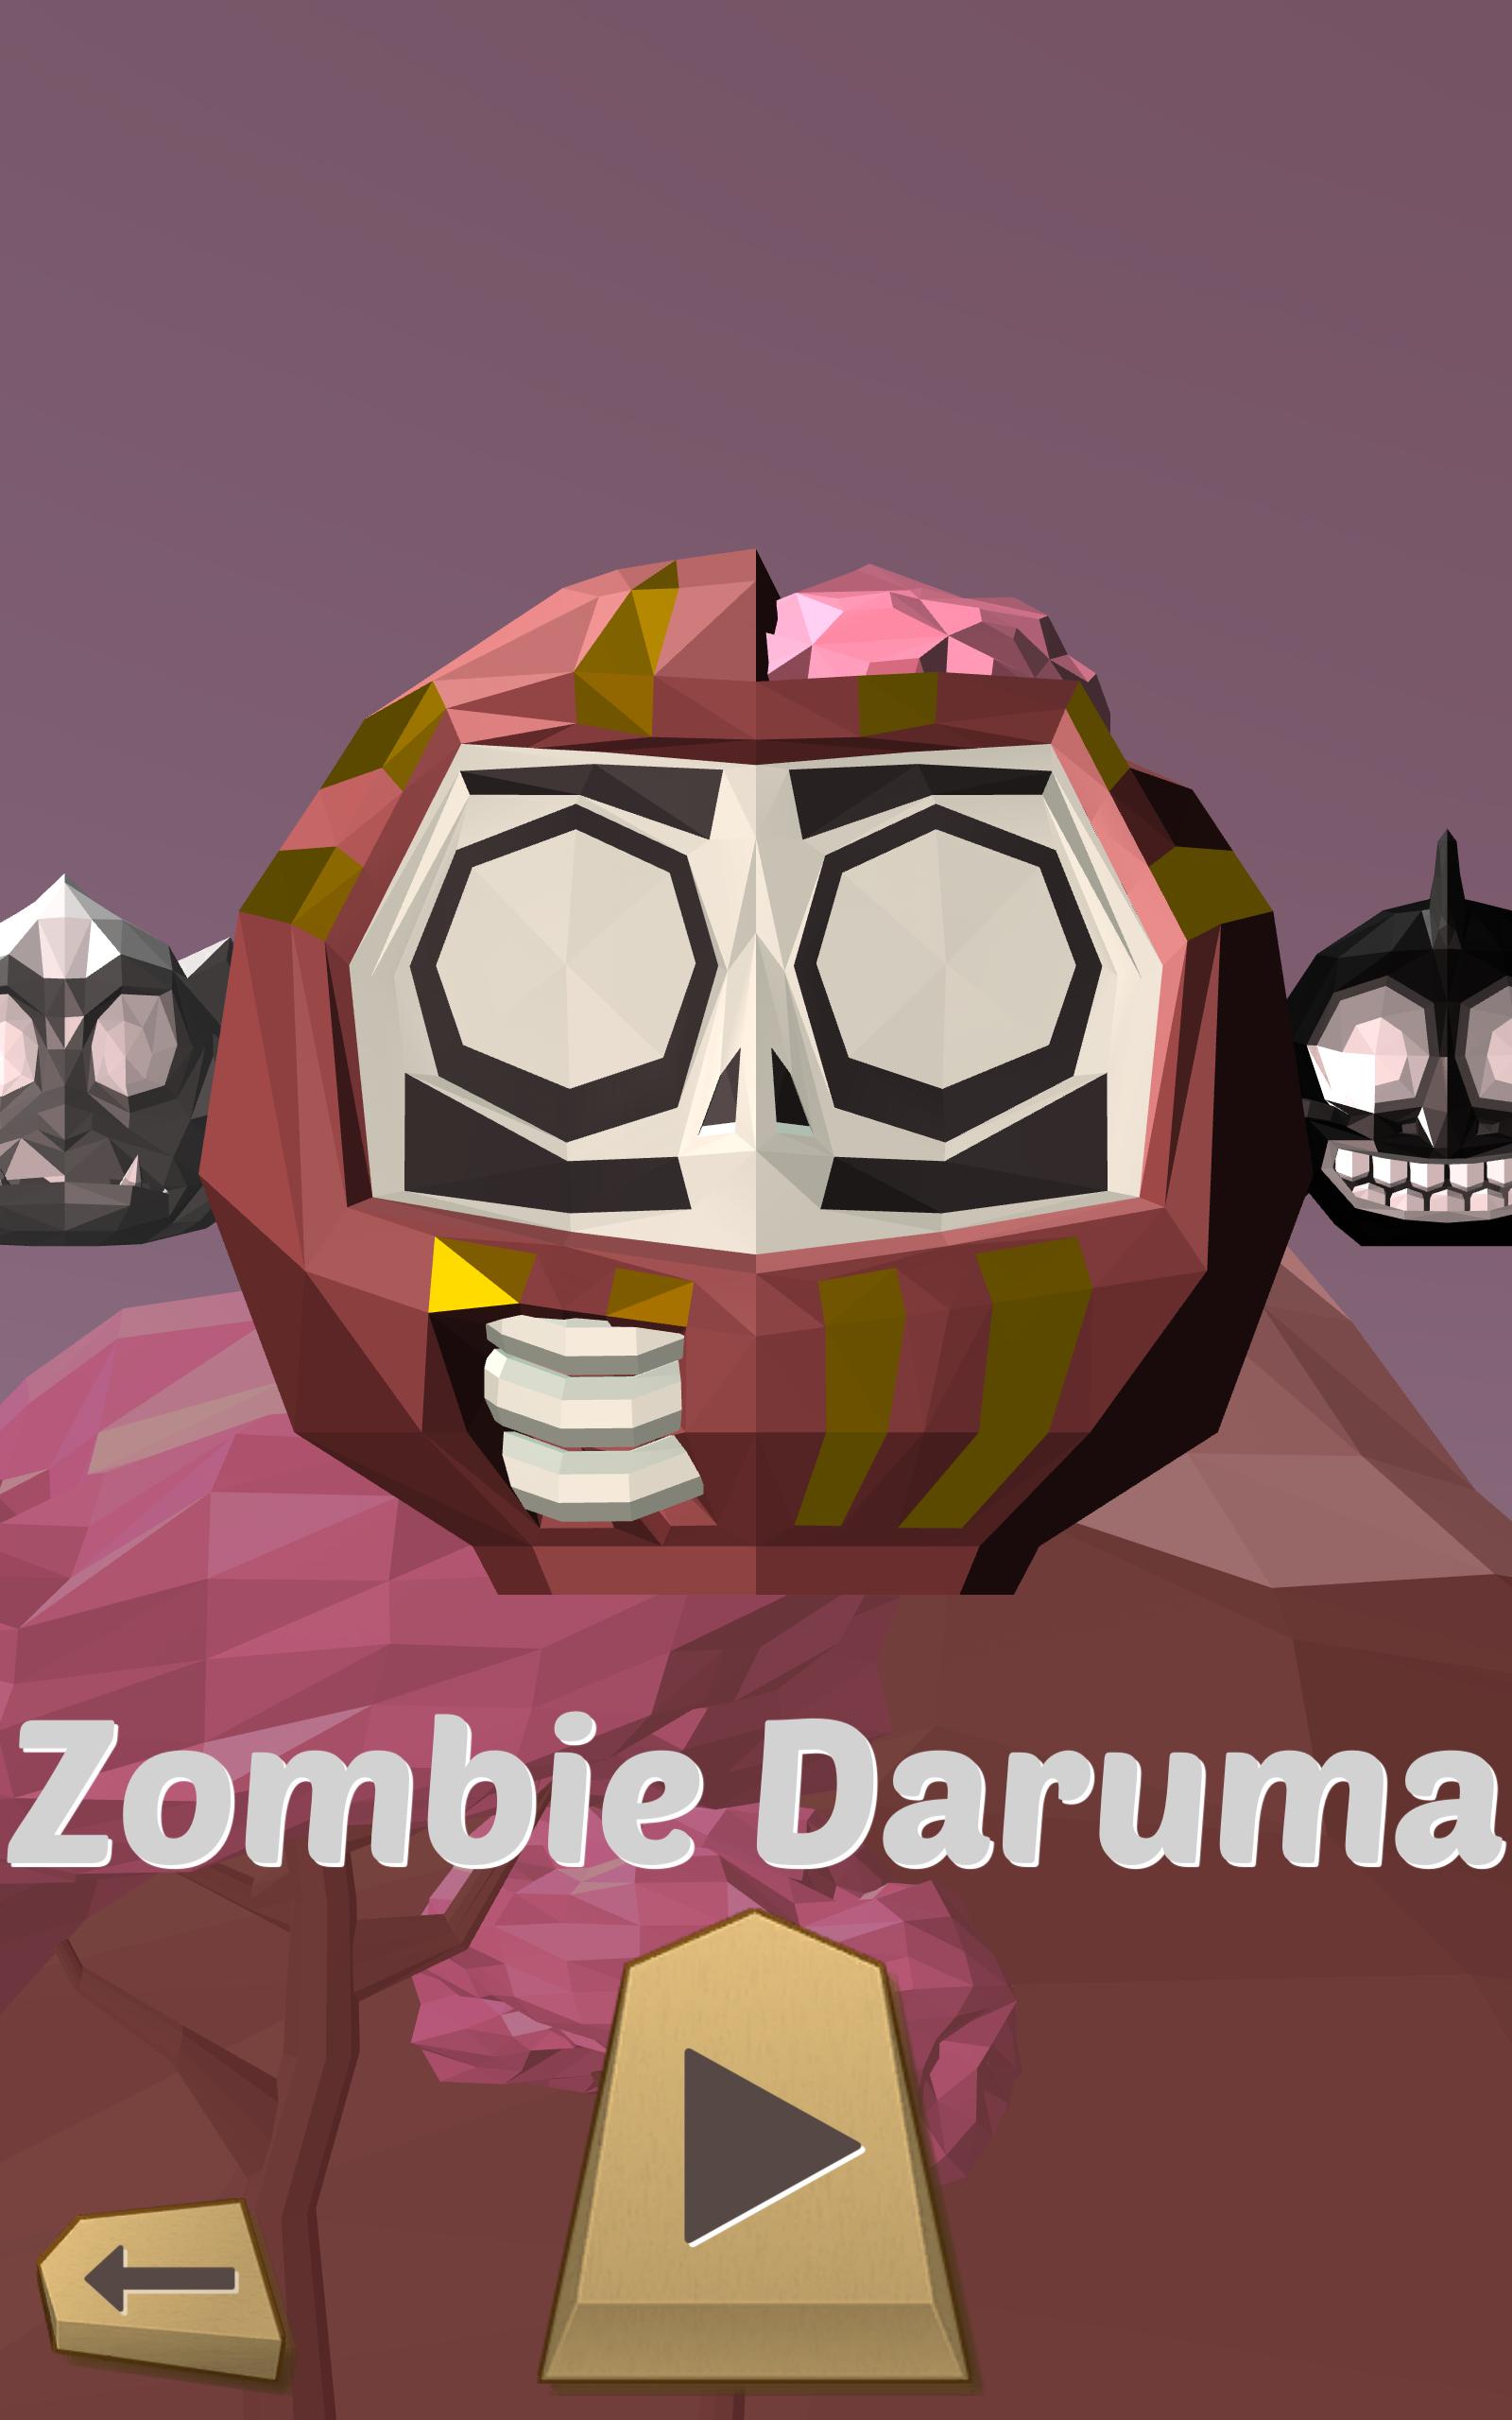 Darumania